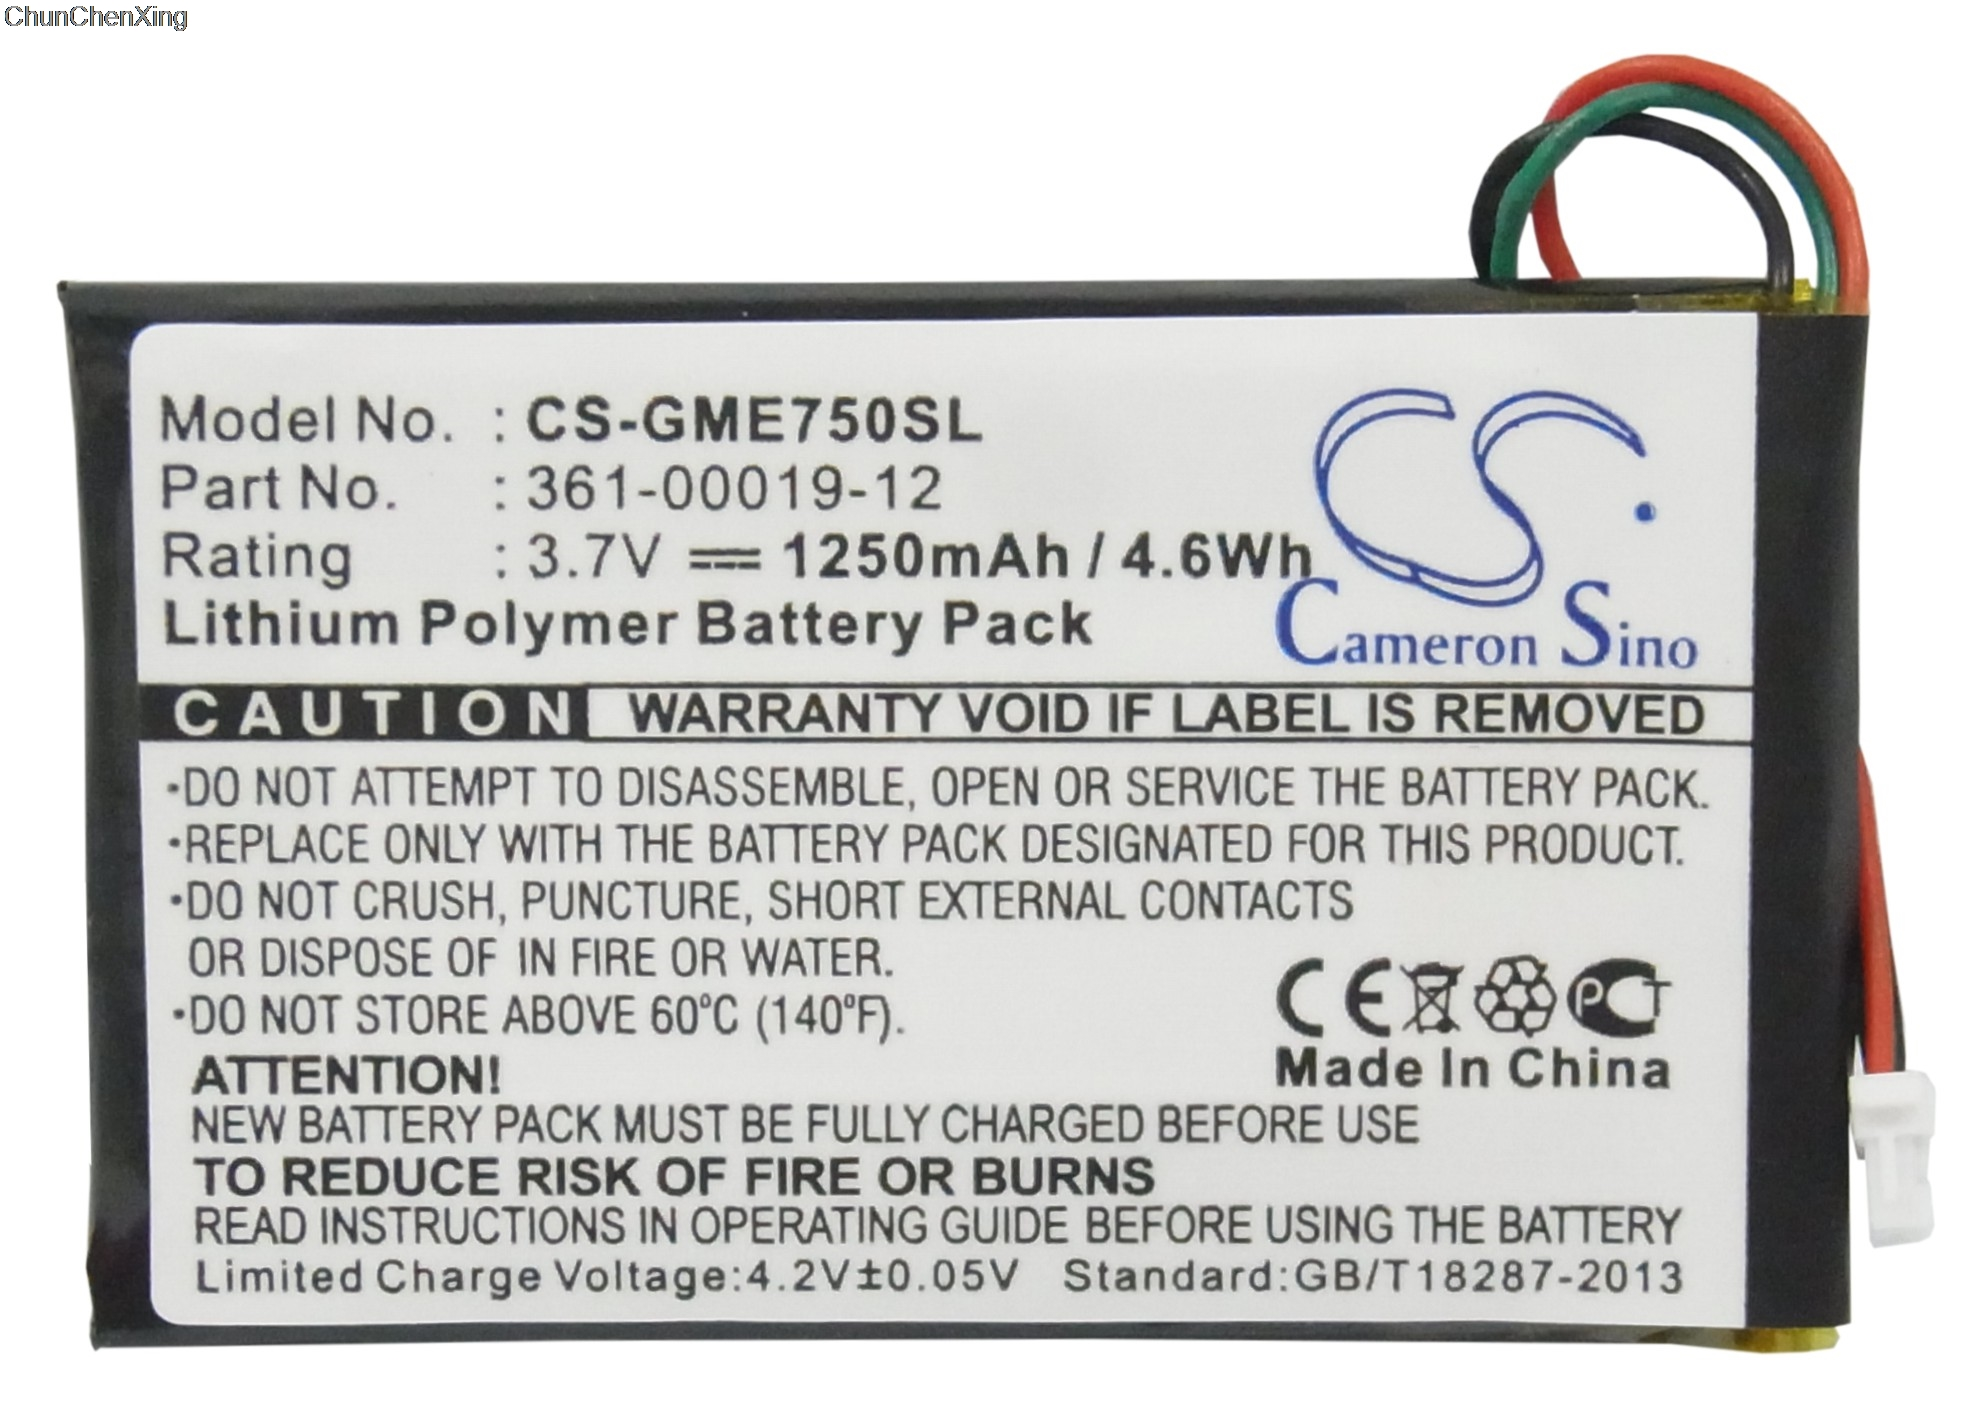 705 Jahre Lang StöRungsfreien Service GewäHrleisten Cameron Sino 1250 Mah Batterie 361-00019-12 Für Garmin Edge 605 Batterien